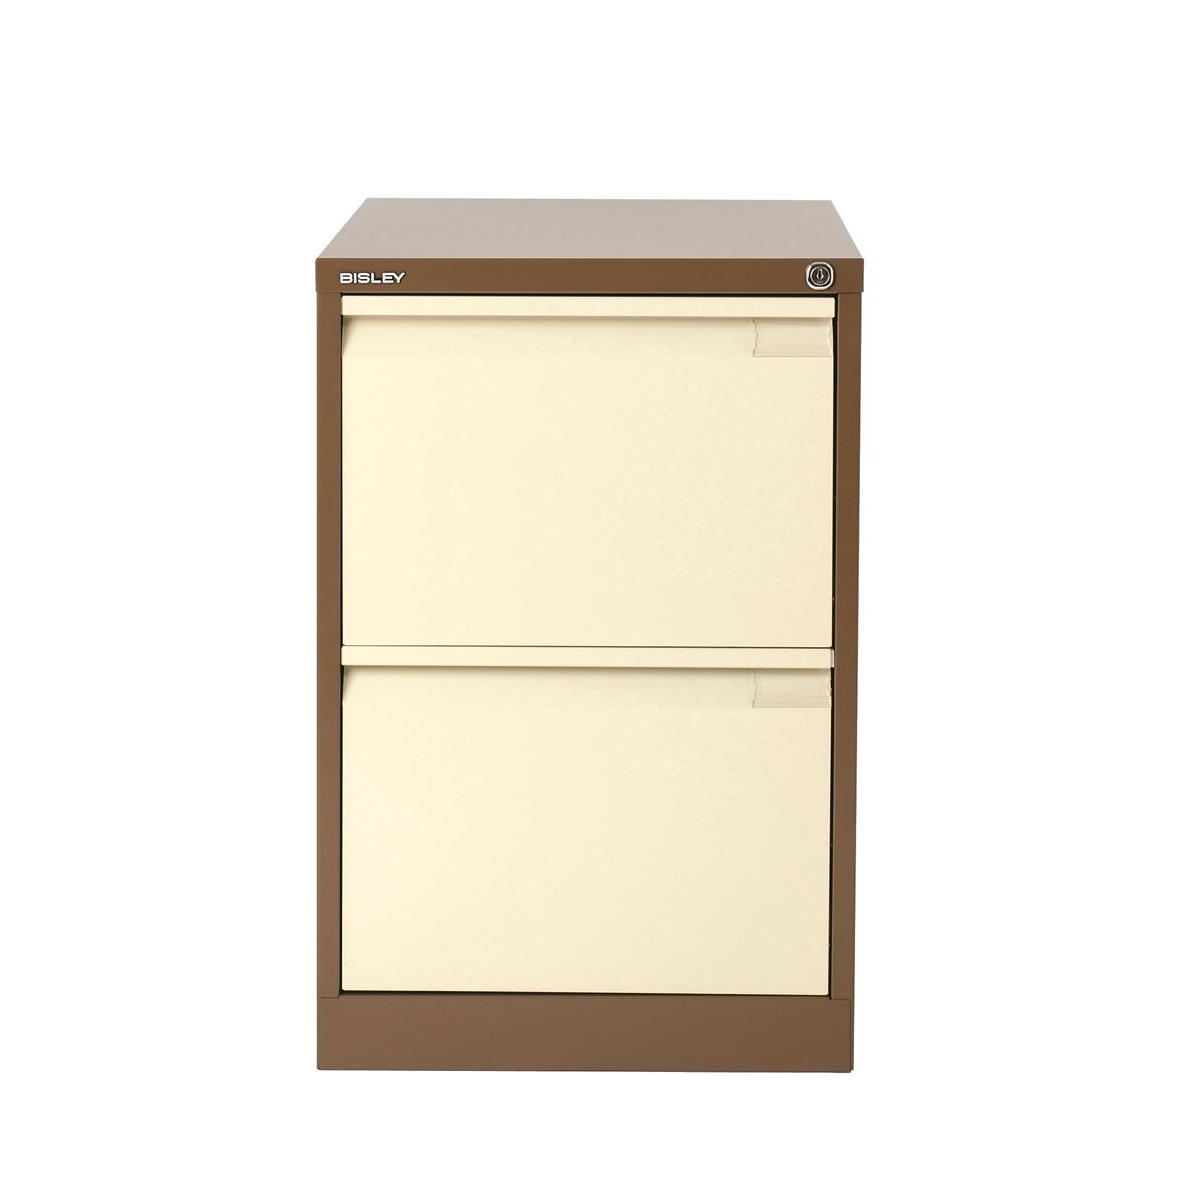 Filing cabinets or accesories Bisley Filing Cabinet 2 Drawer 470x622x711mm Ref 1623-av5av6